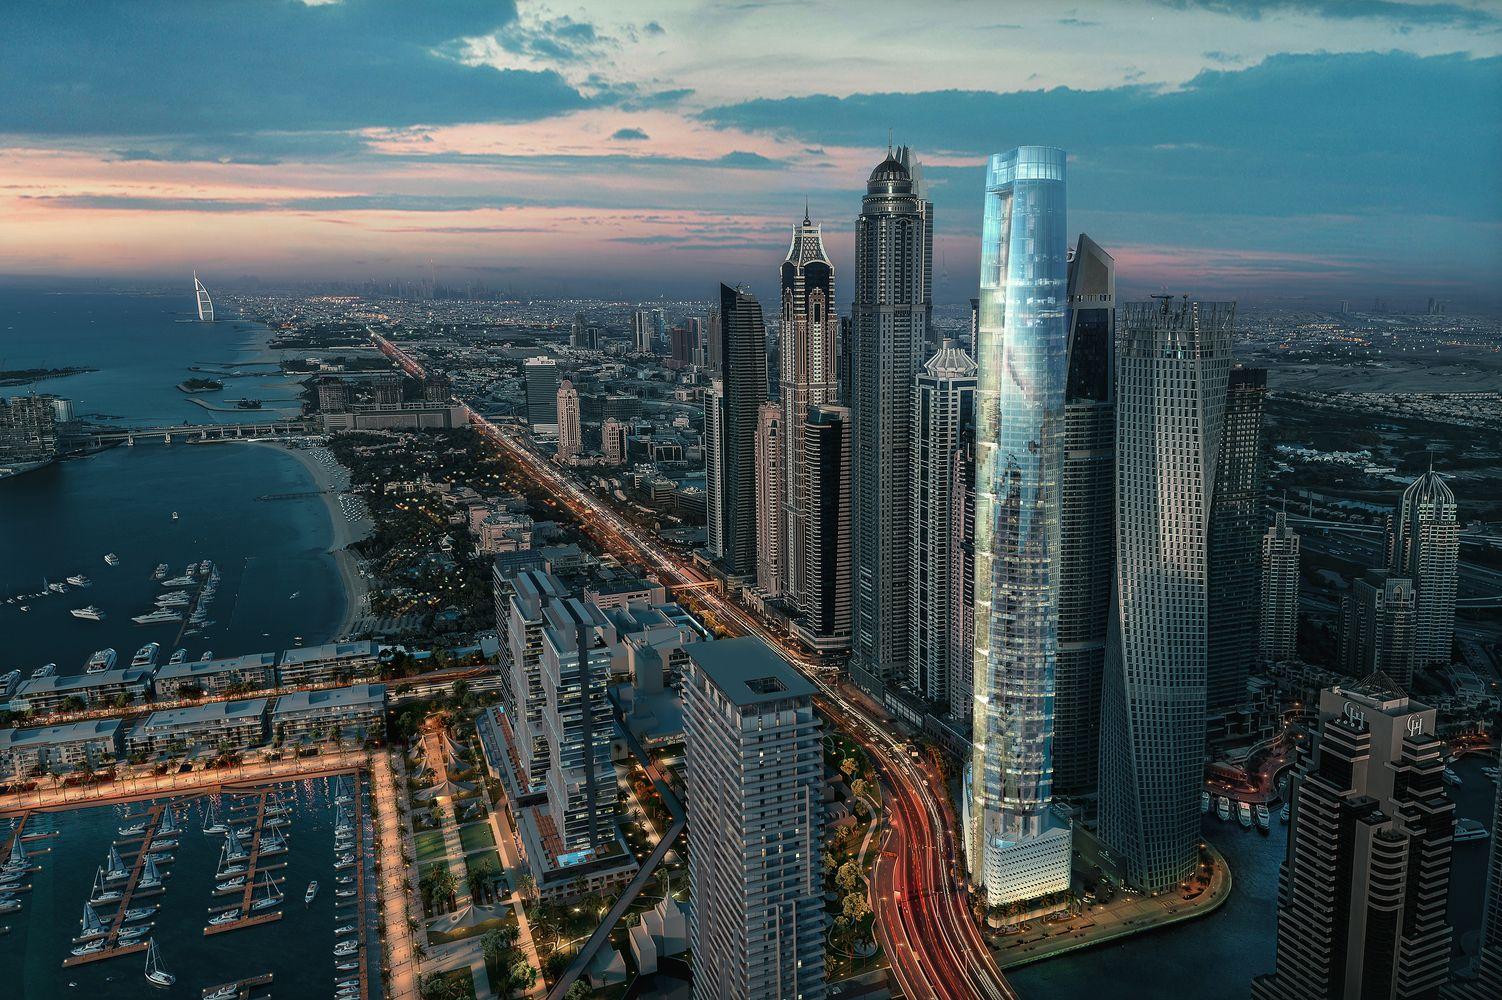 Hong Kong Tower Online Casino